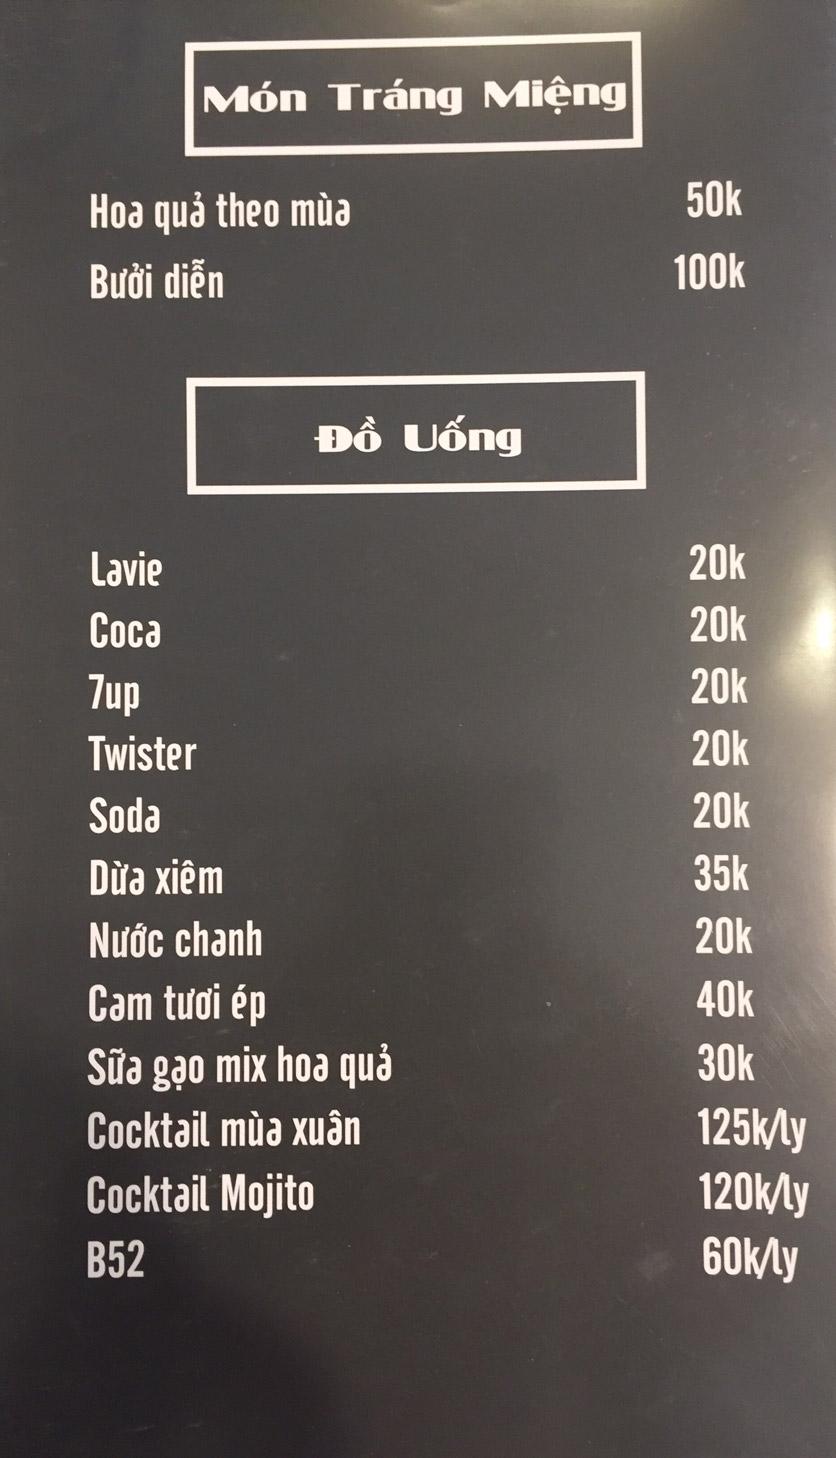 Menu Lam Huyền - Đặc sản lẩu hơi nồi đá - Hoàng Quốc Việt  10